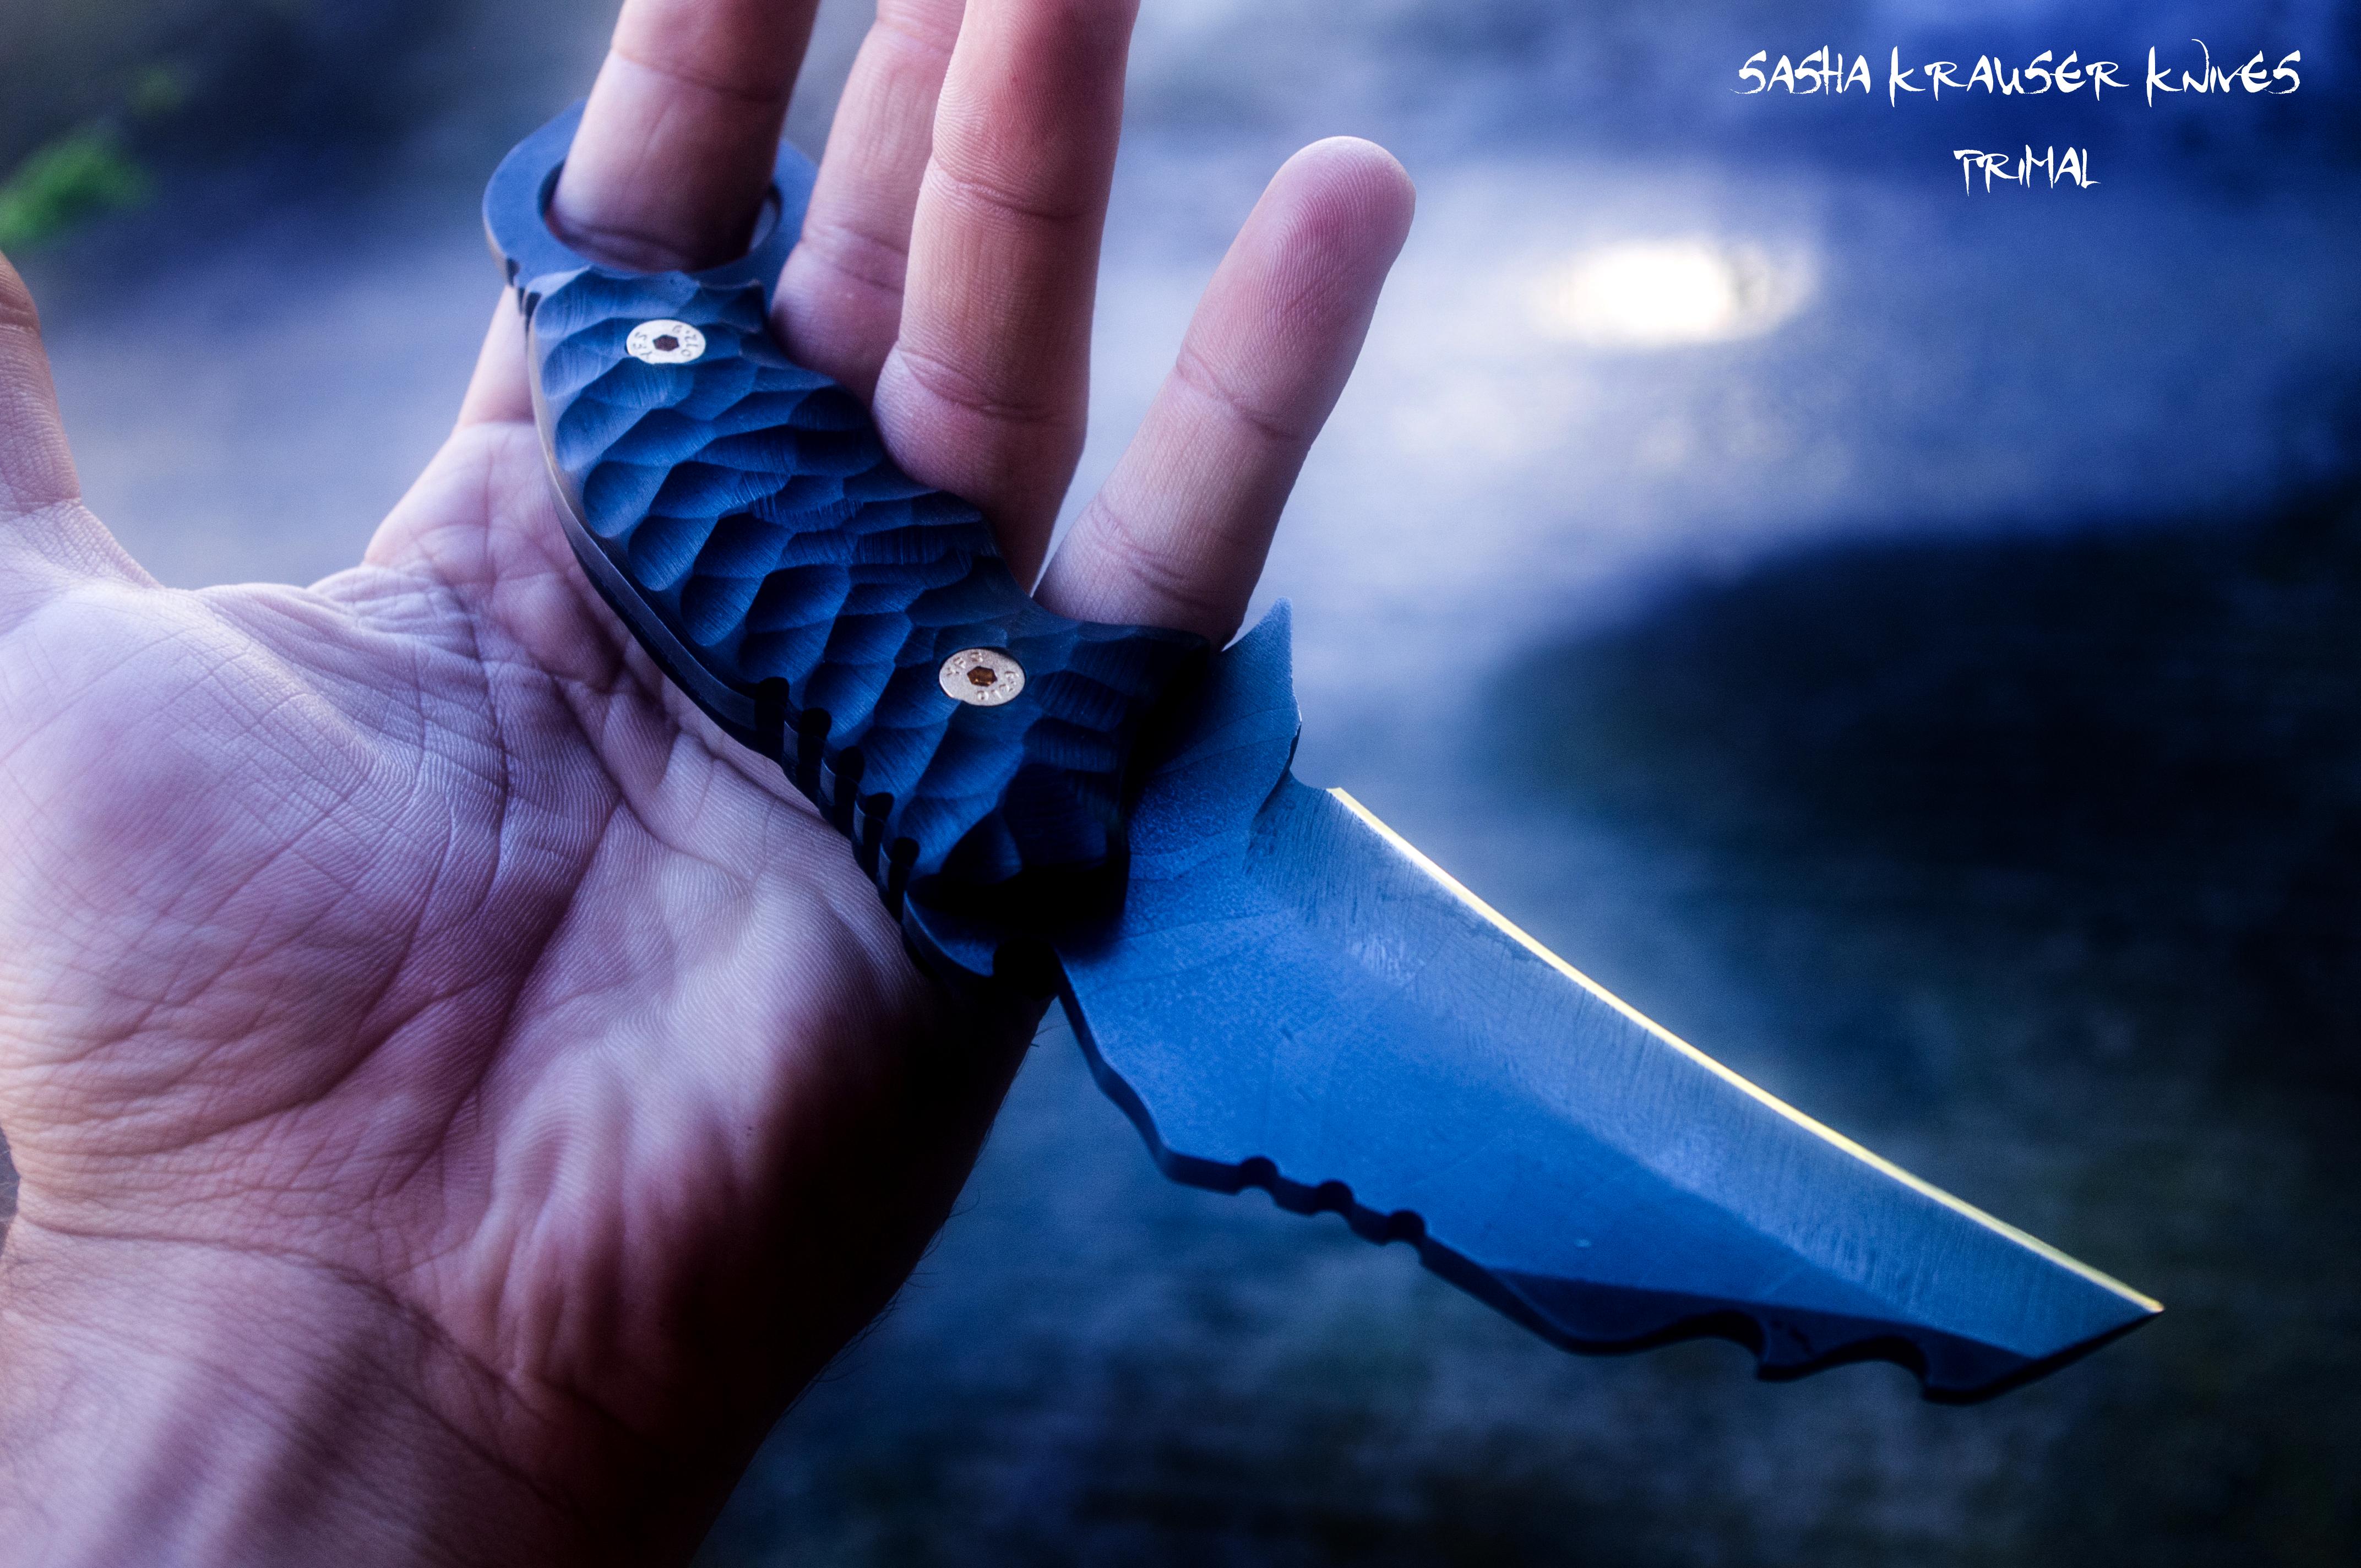 Primal karambit Fighting knife